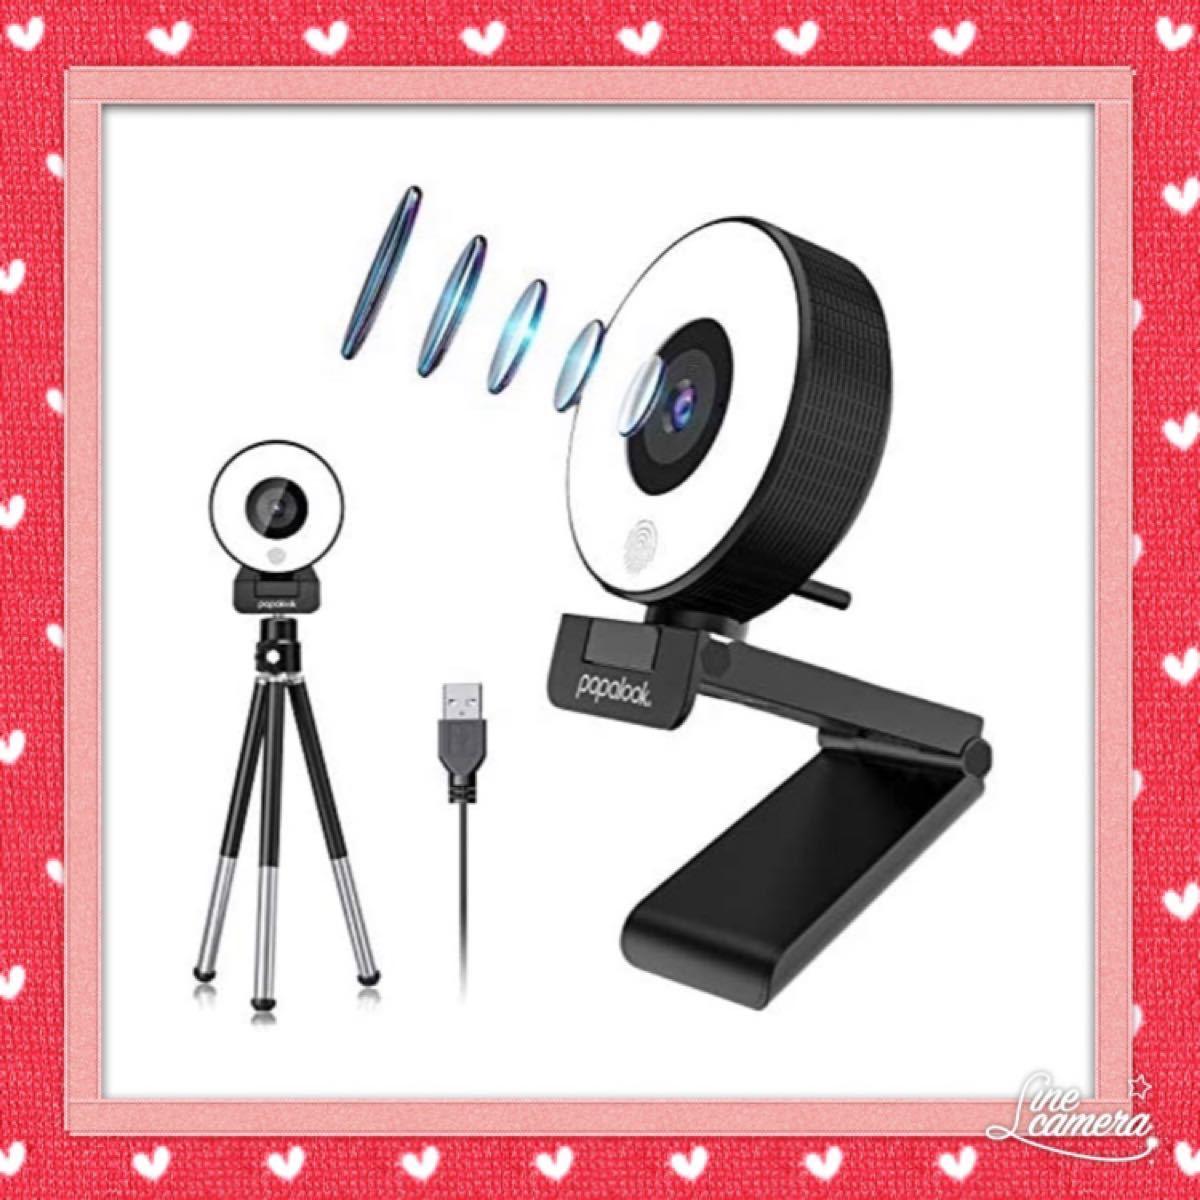 Webカメラ タッチLEDライト付き フルHD1080P 30FPS ウェブカメラ マイク内蔵PCカメラ ノイズリダクション